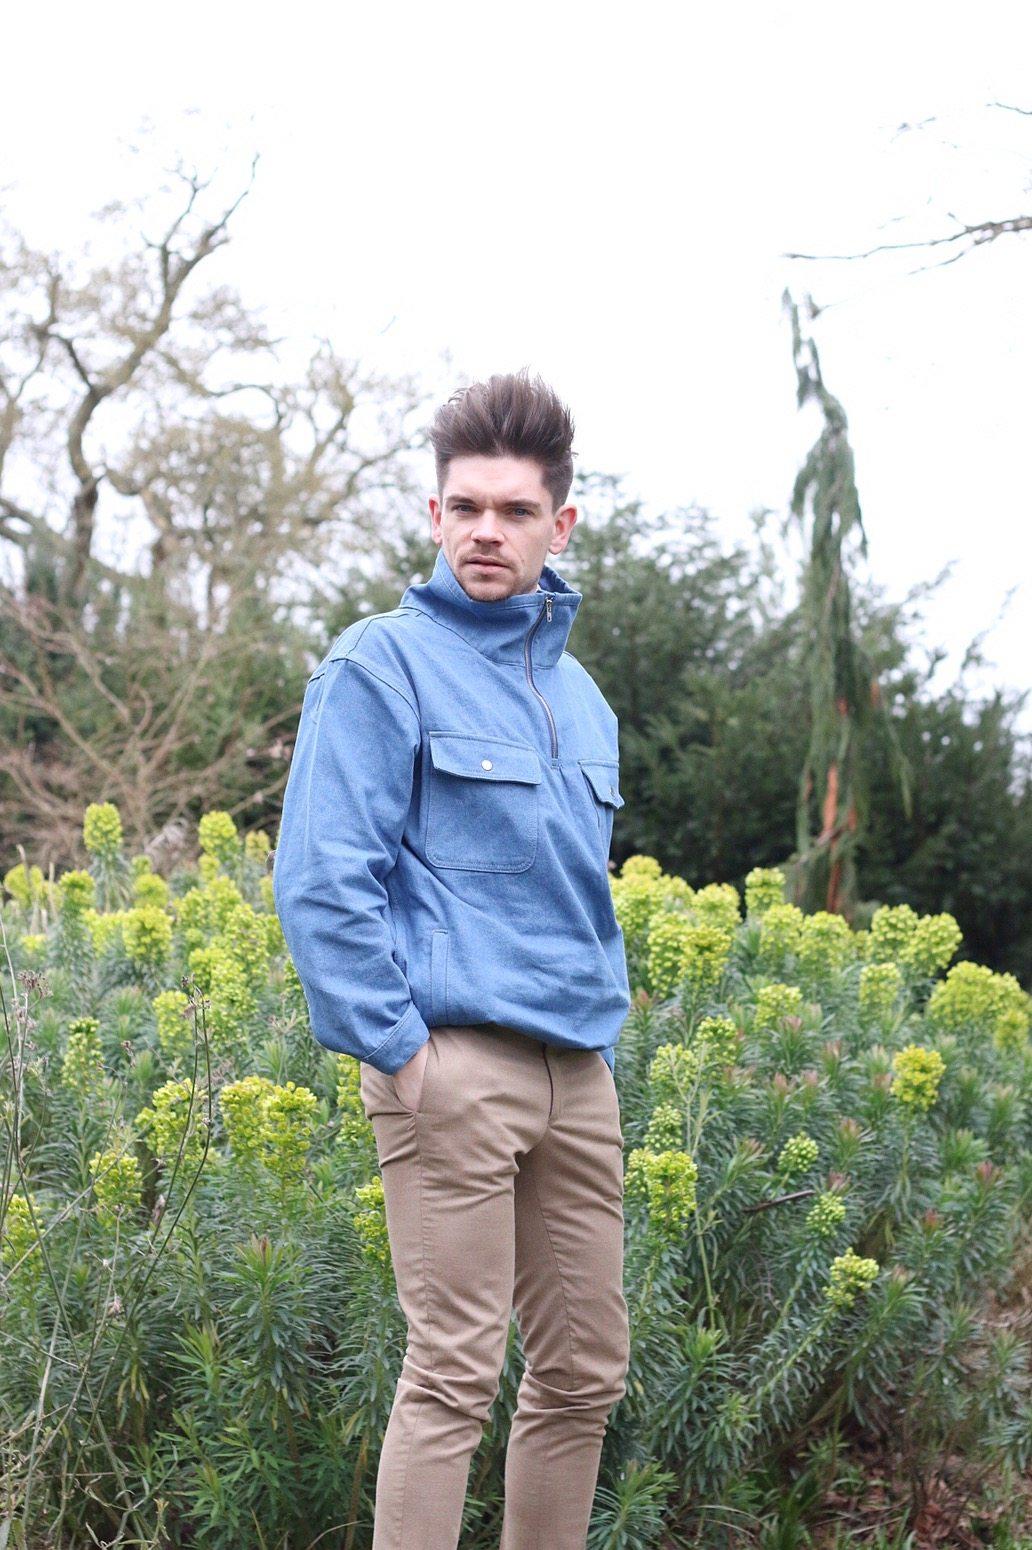 Robin-James-Man-For-Himself-Blue-Overhead-Jacket